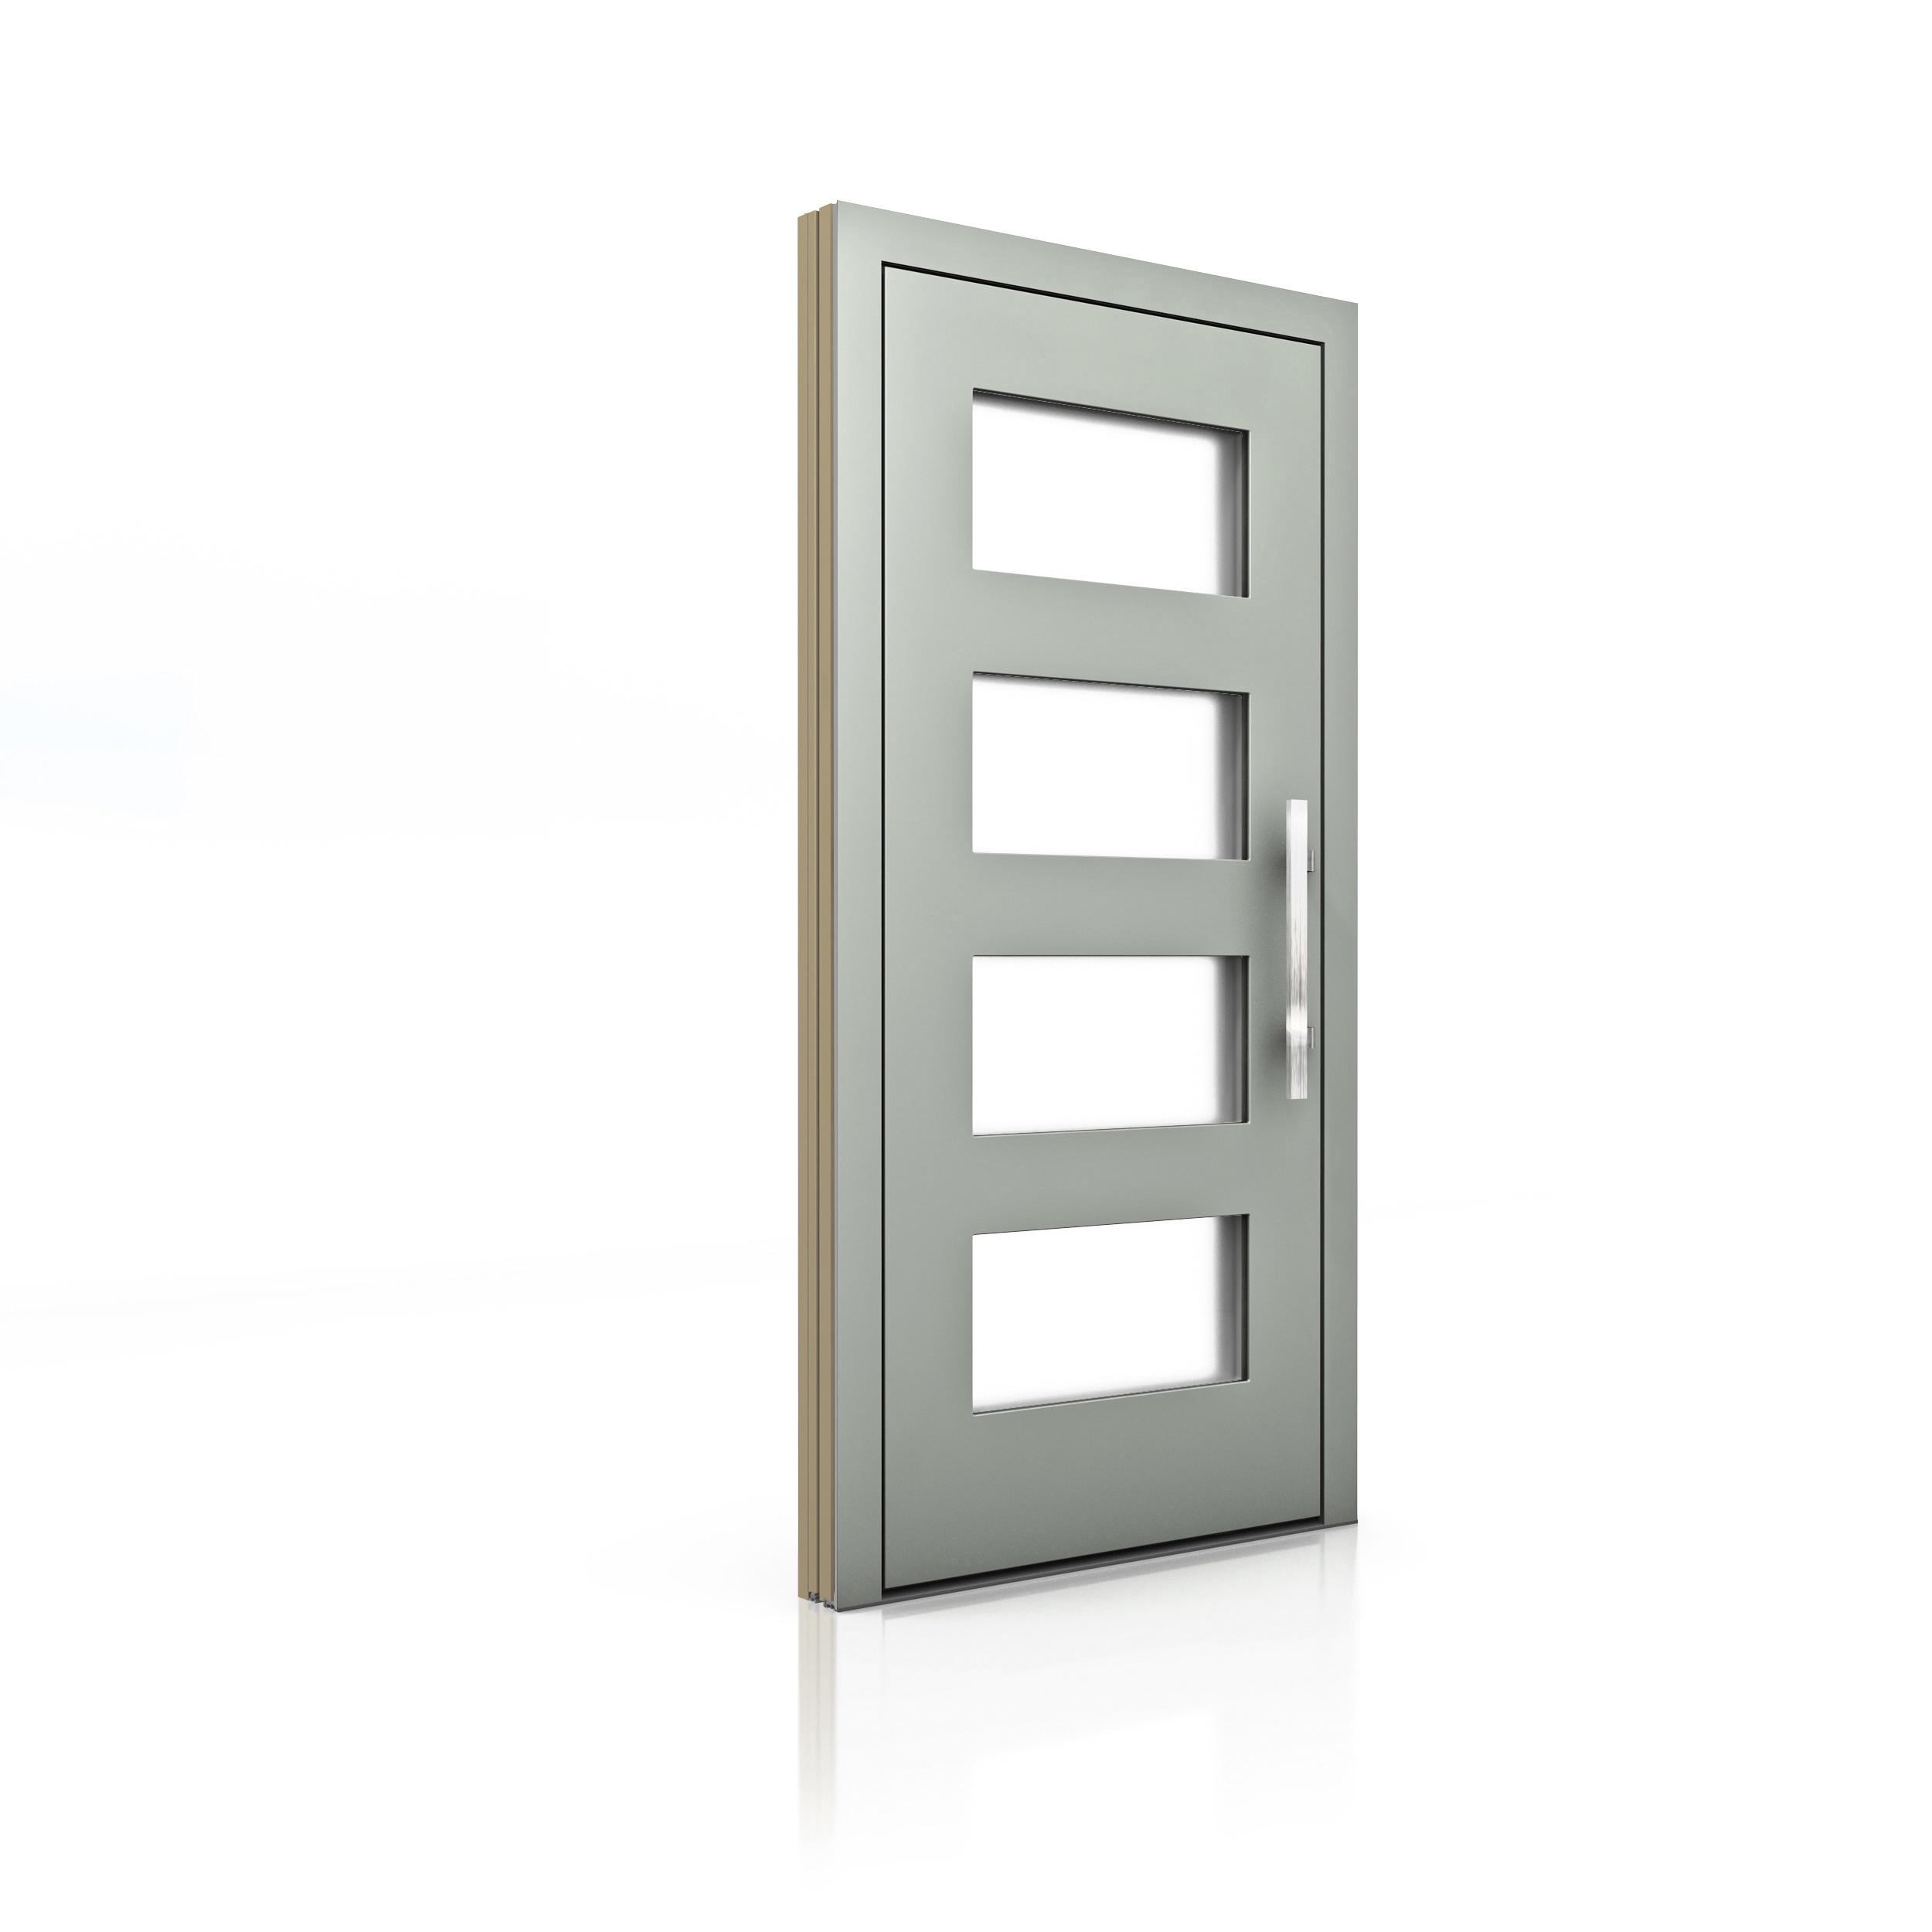 Drevo hlinníkové vchodové dvere Internorma